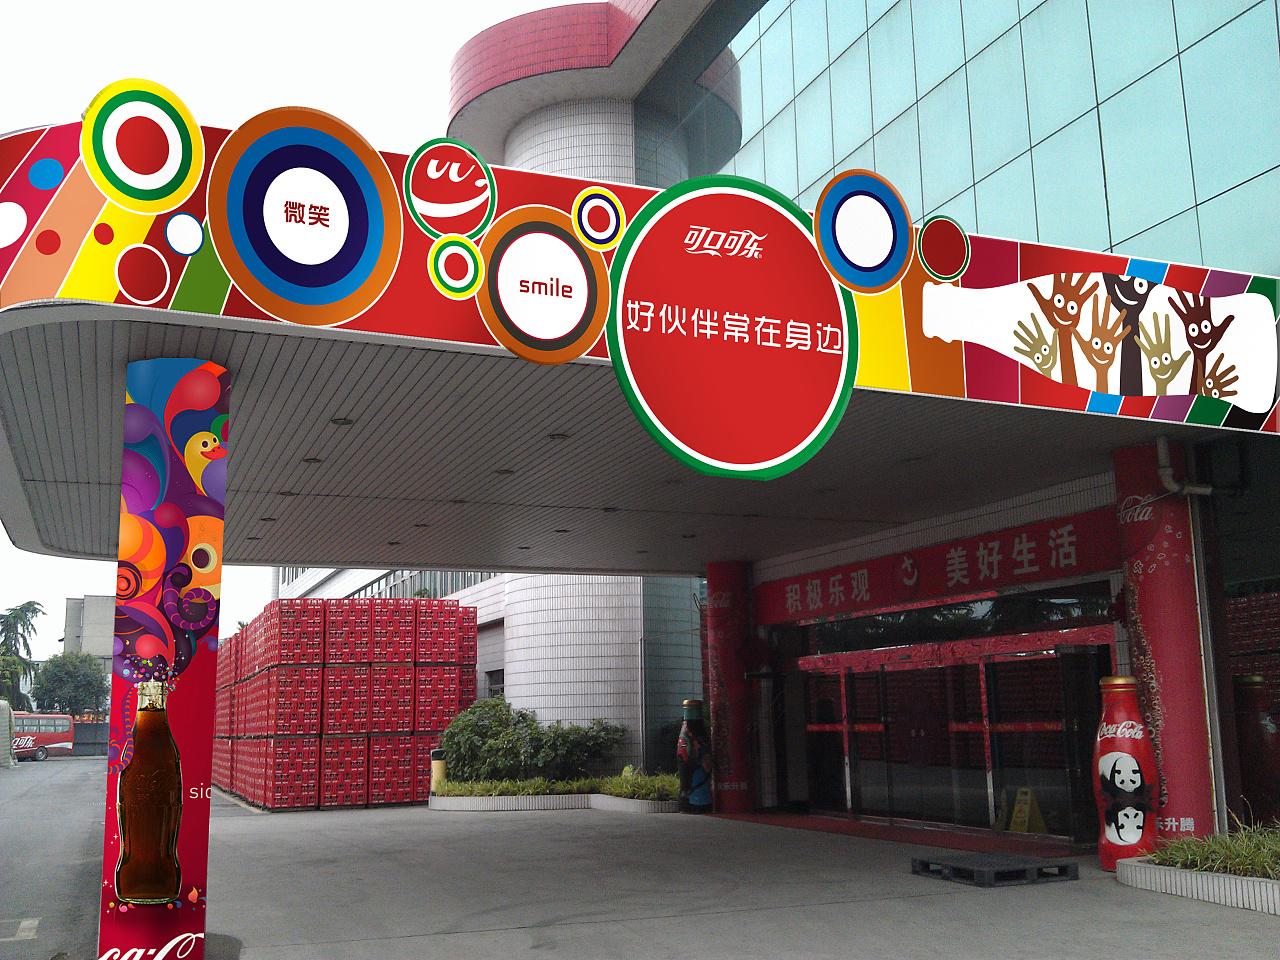 可口可乐文化墙|空间|展示设计 |穆赫兰道 - 原创作品图片